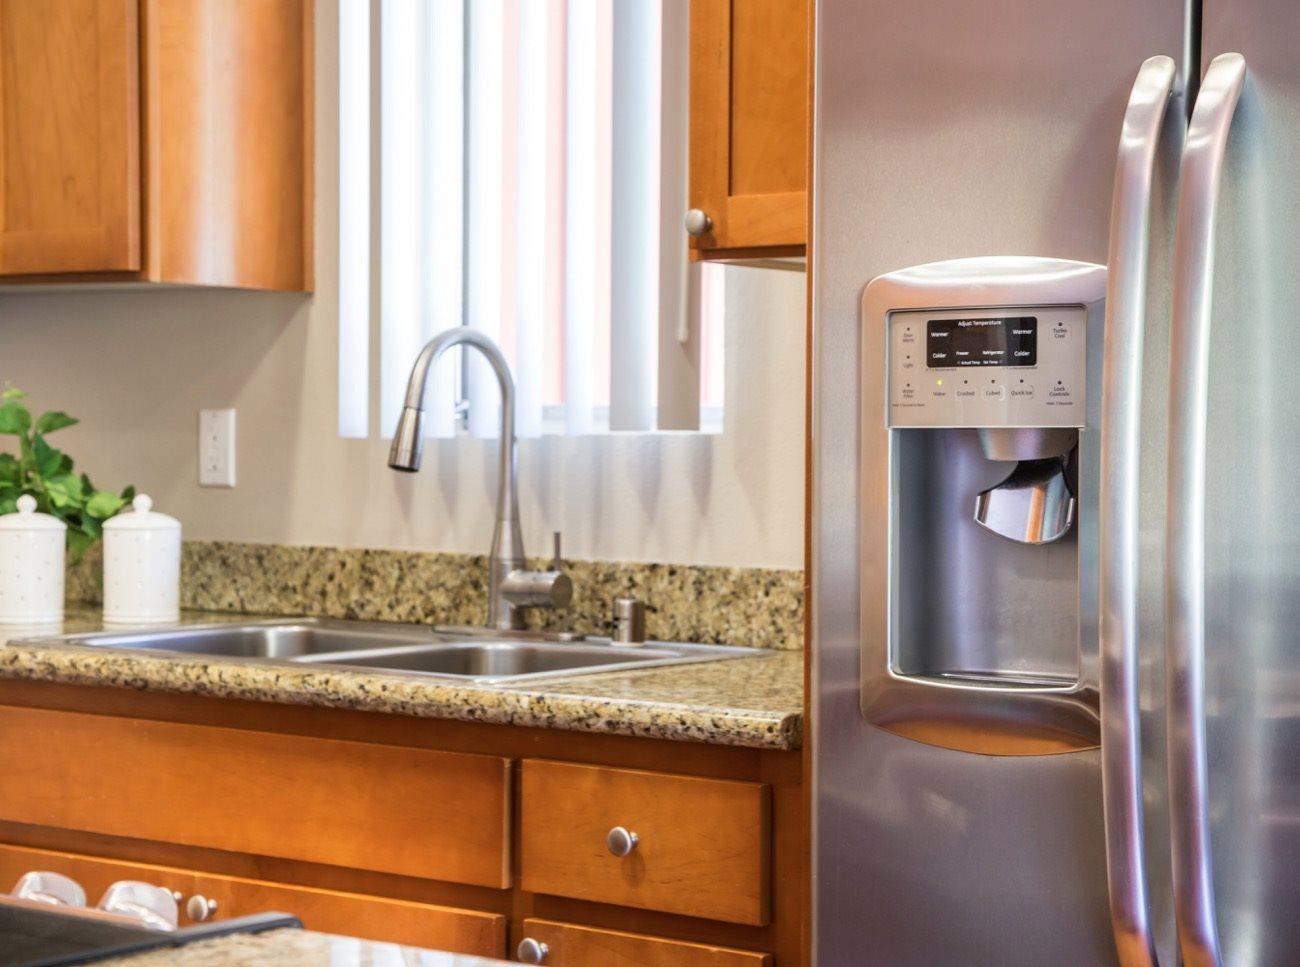 bay-tree-los-gatos-apartments-kitchen-refrigerator